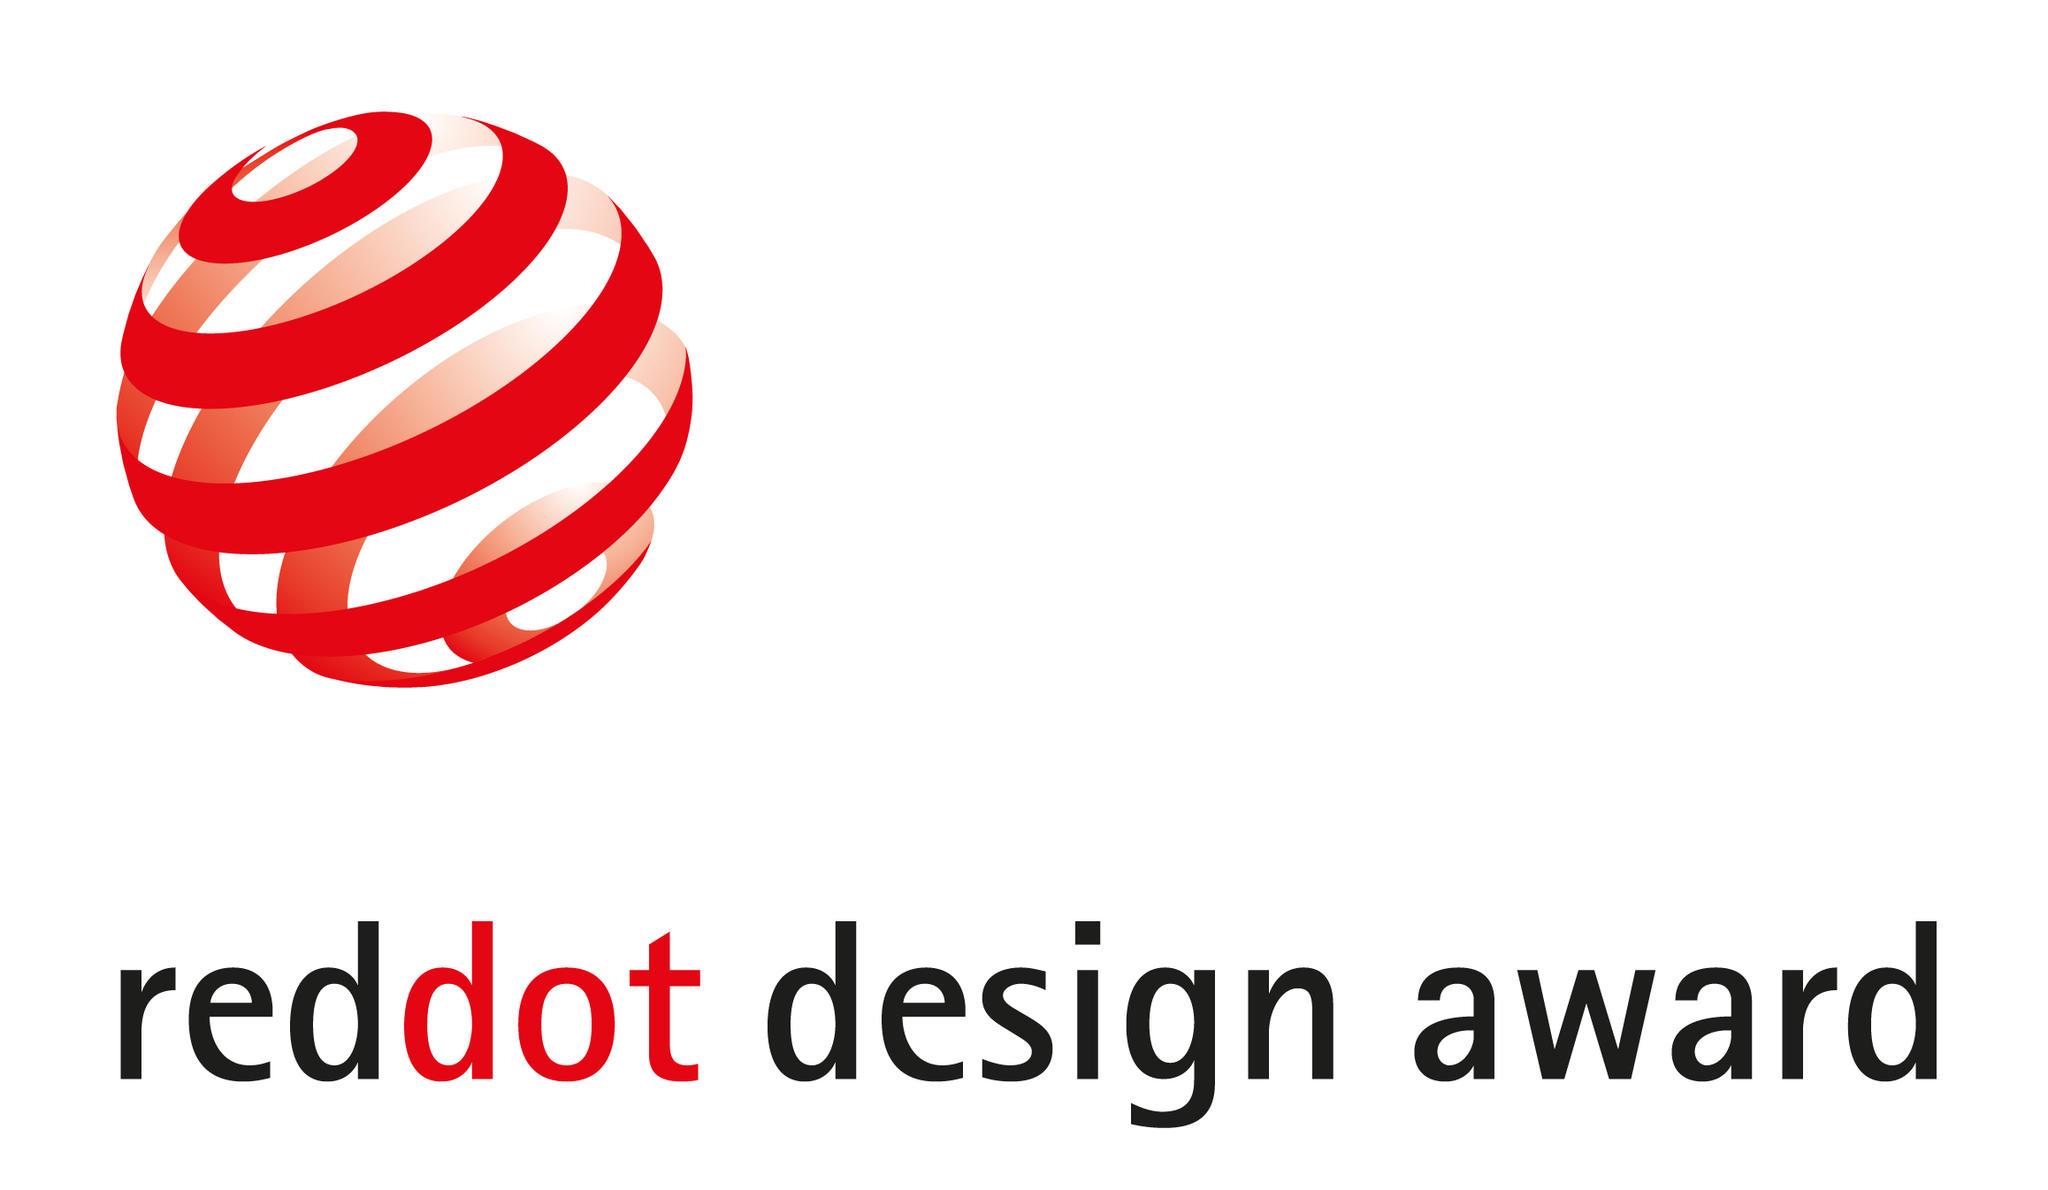 Reddot award winner